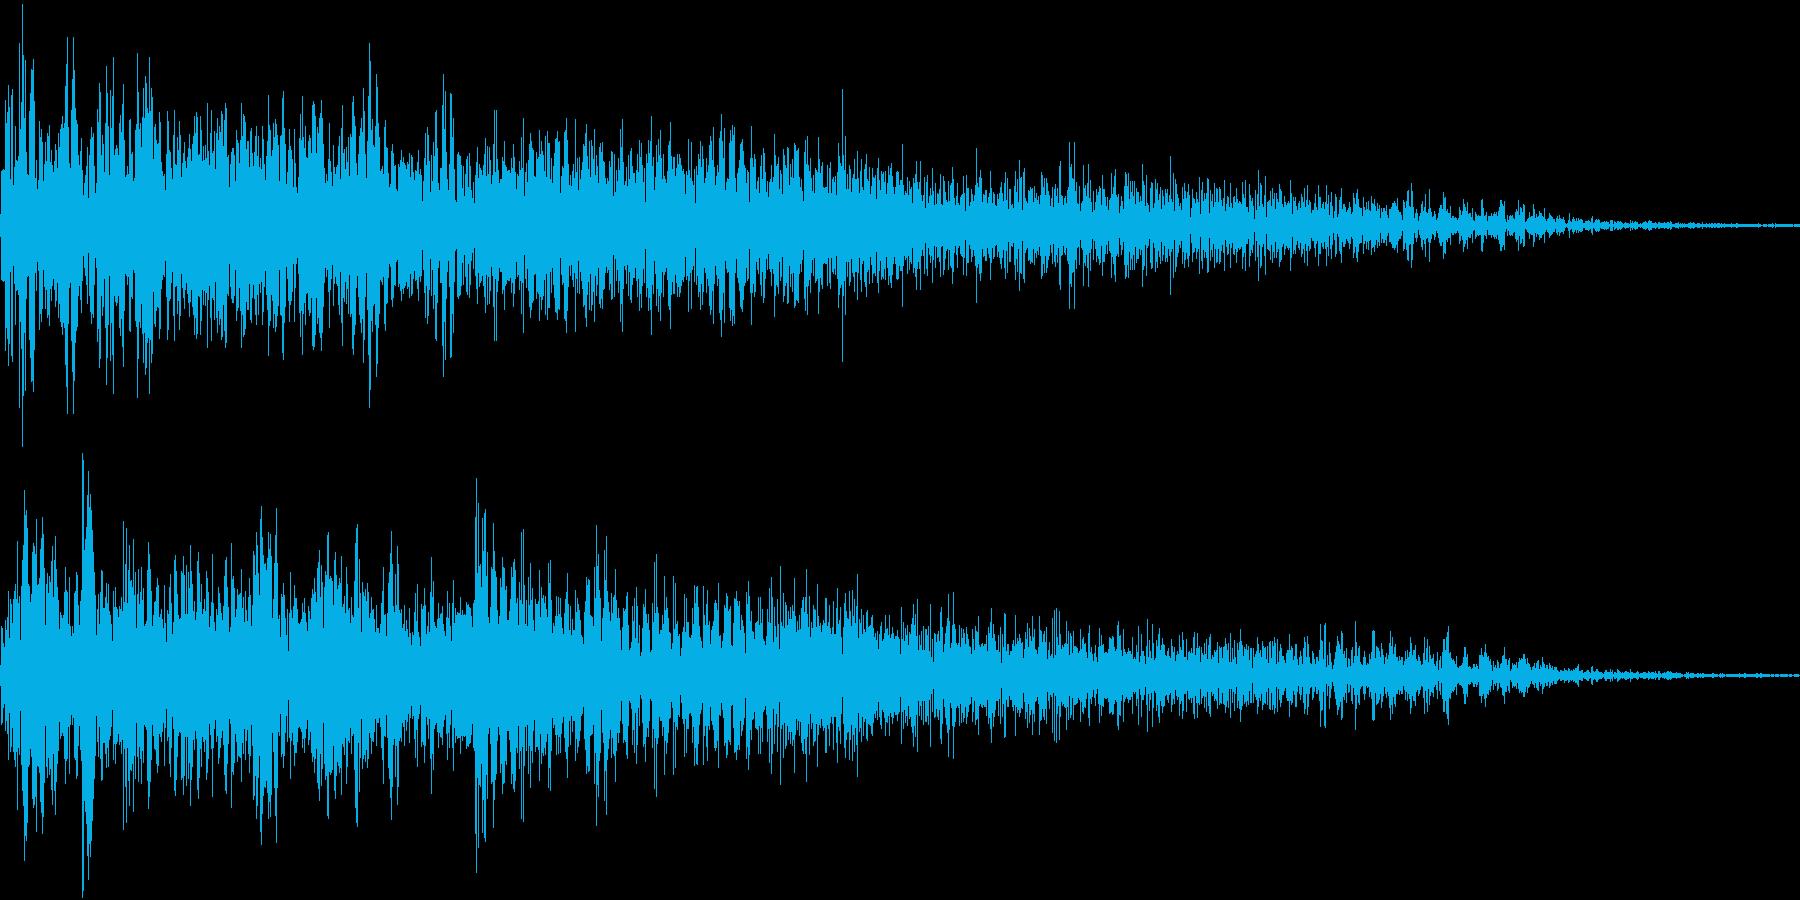 InvaderBuzz 発砲音 9の再生済みの波形